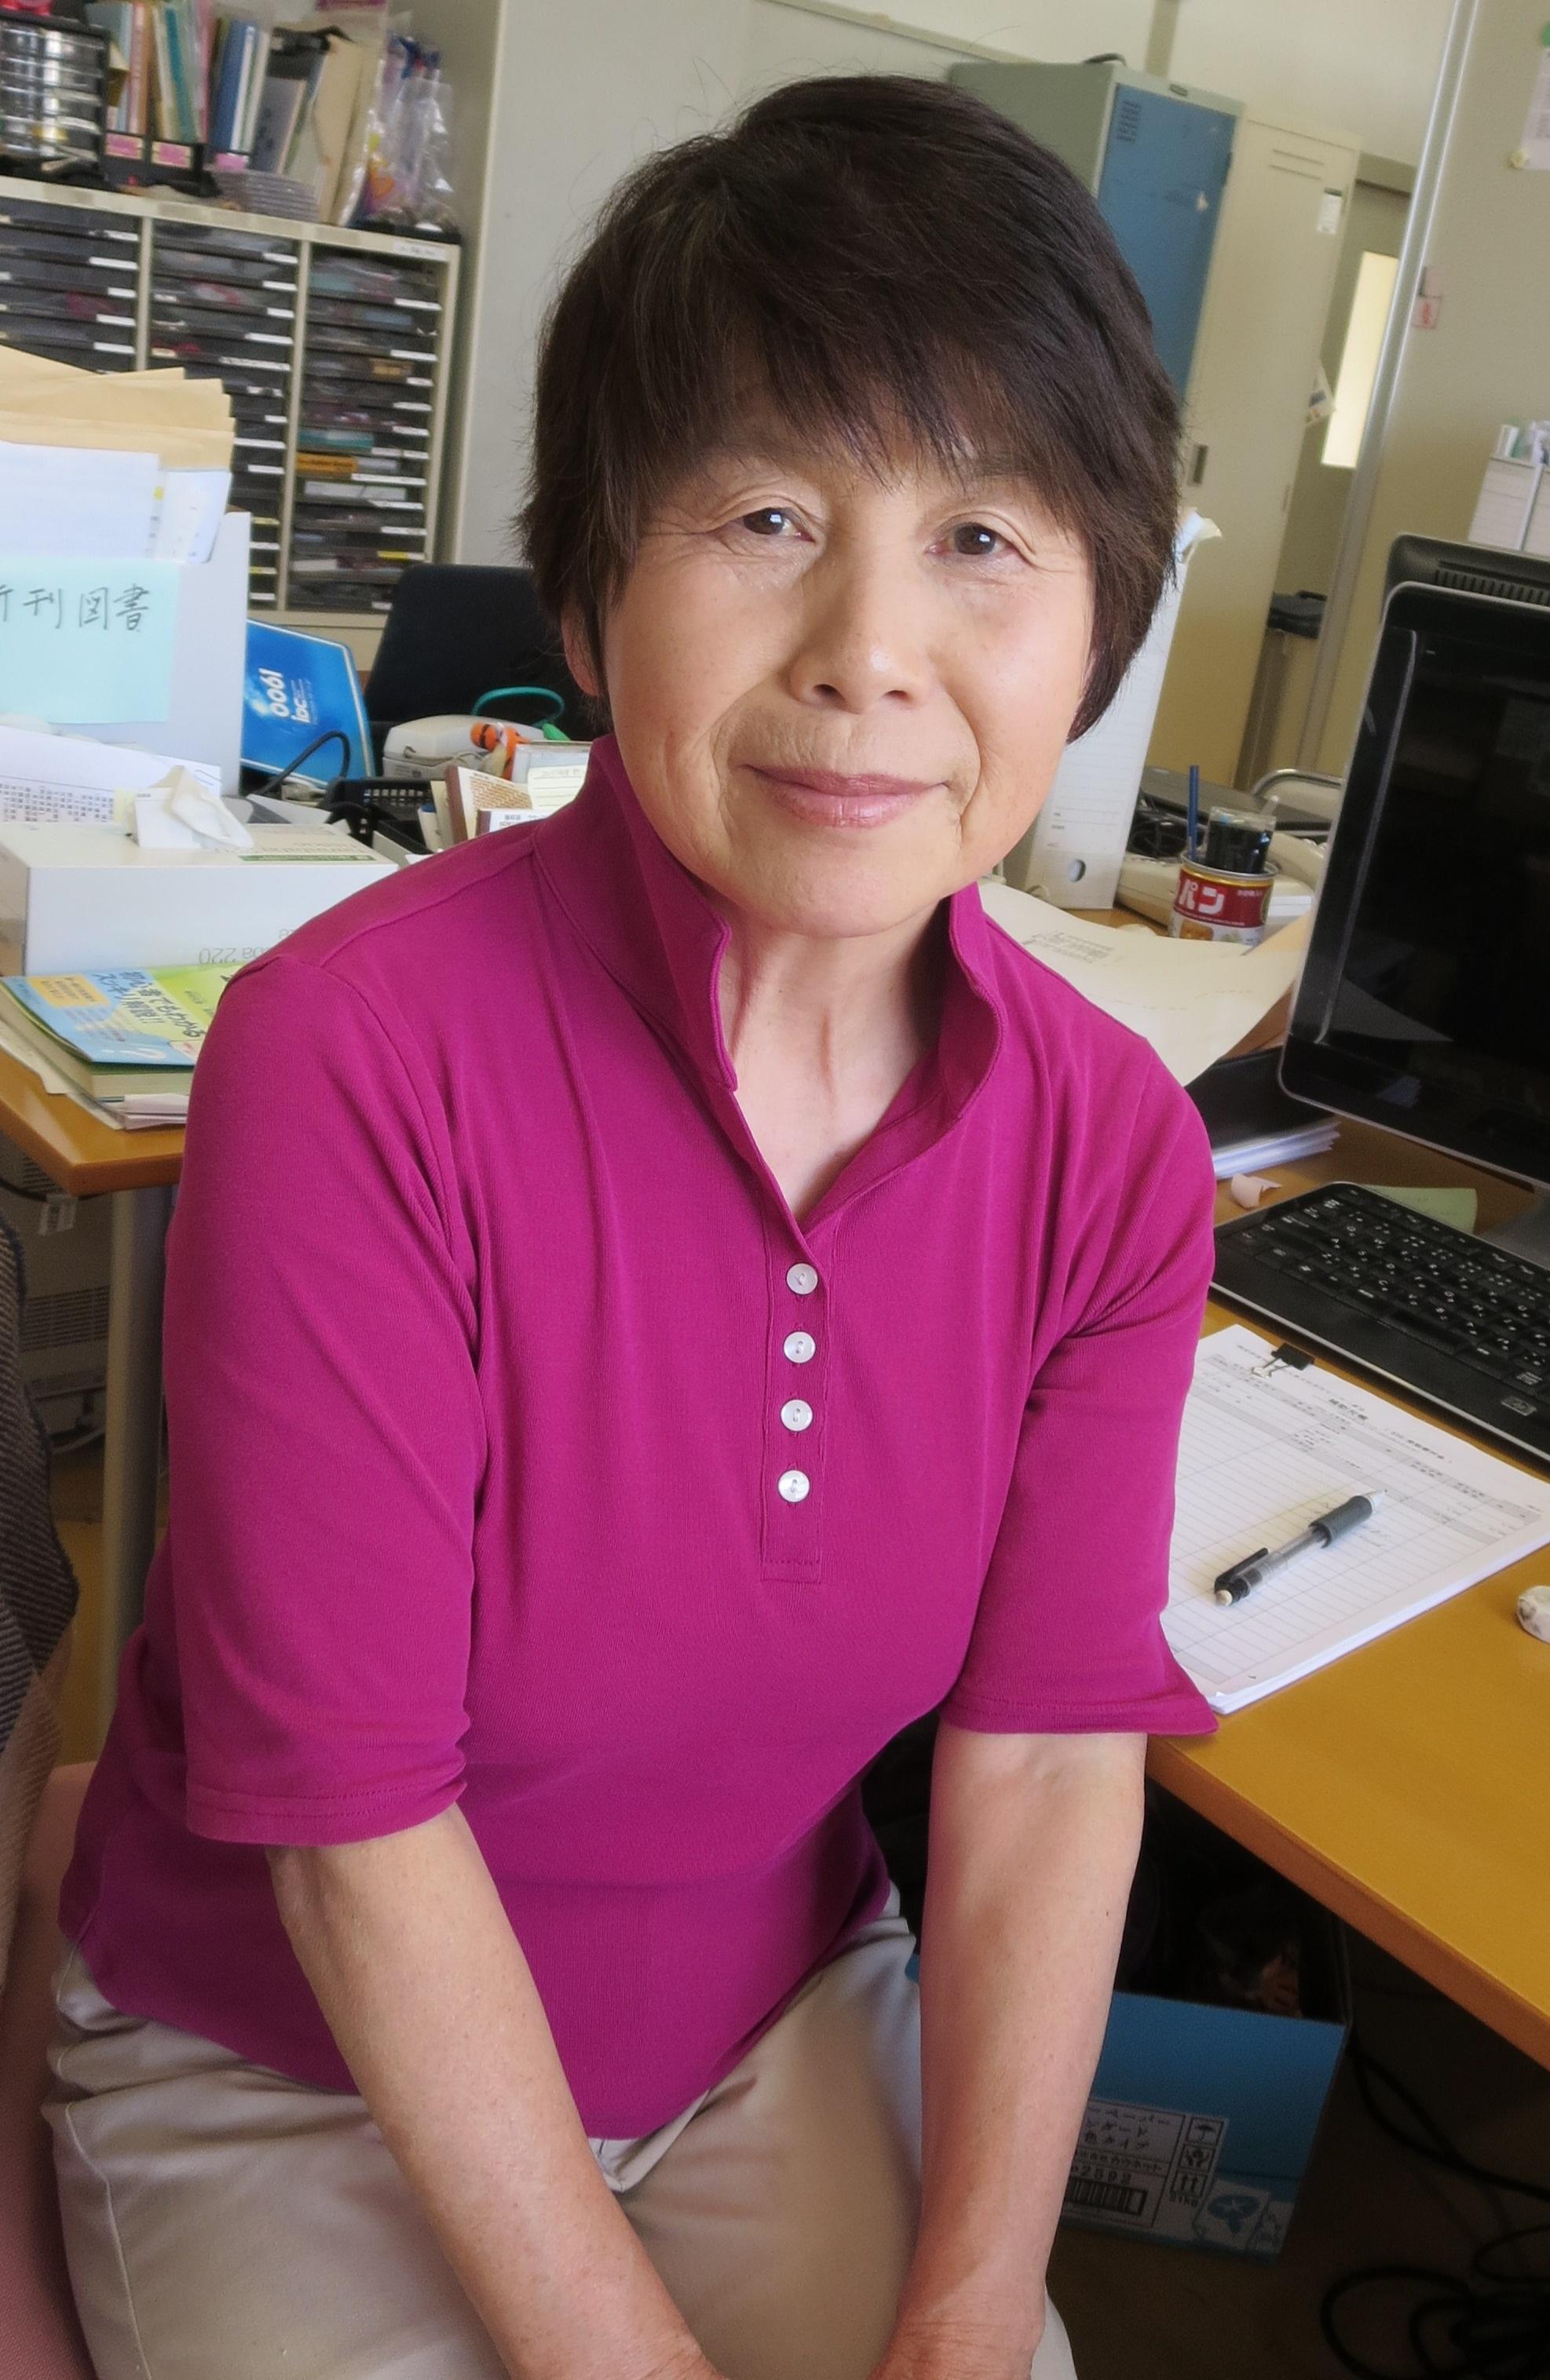 伊藤 順子(いとう じゅんこ) 事務局スタッフ